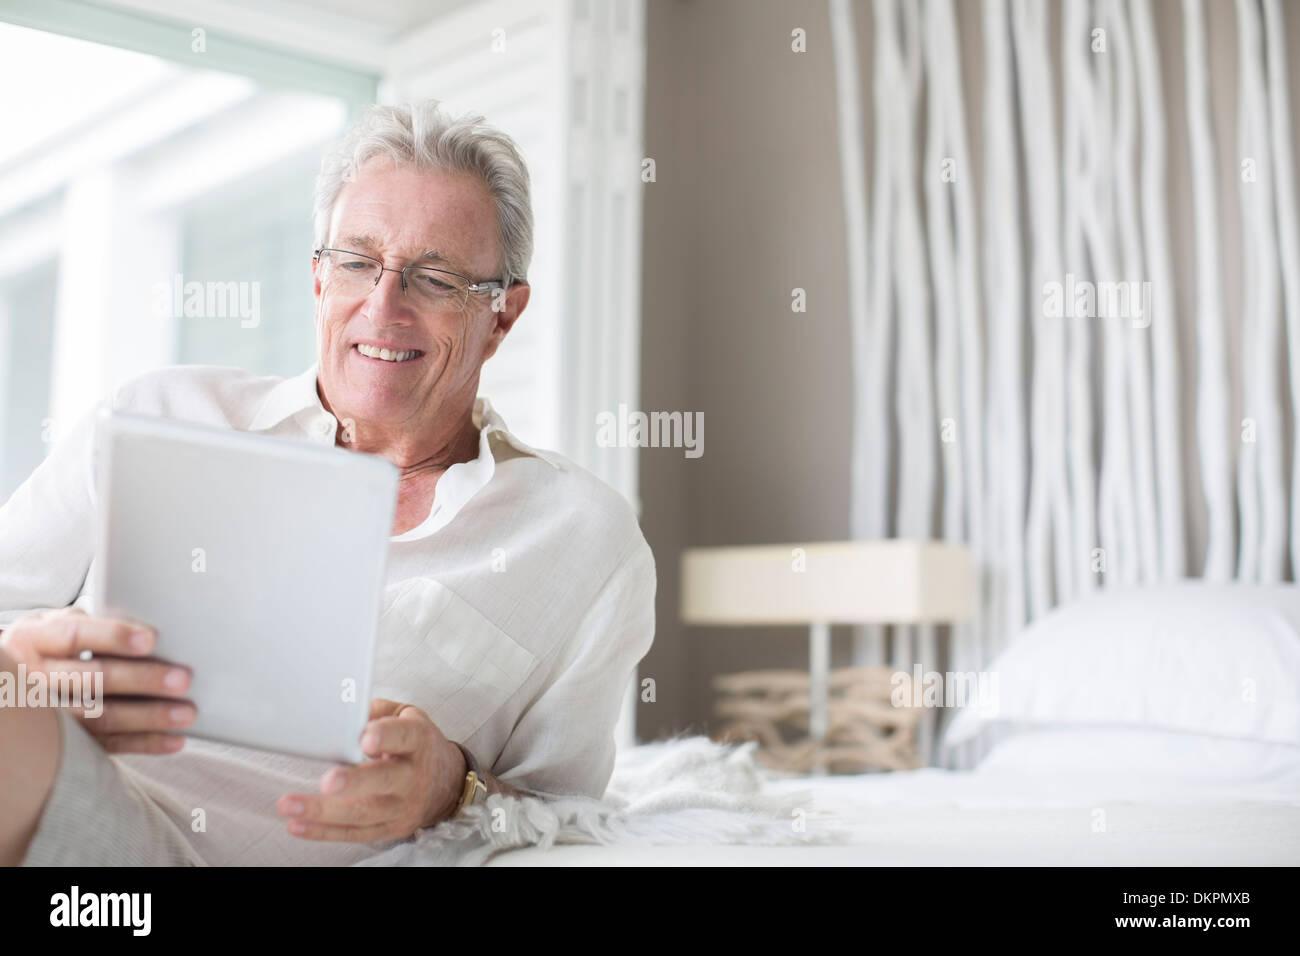 Older man using digital tablet on bed - Stock Image